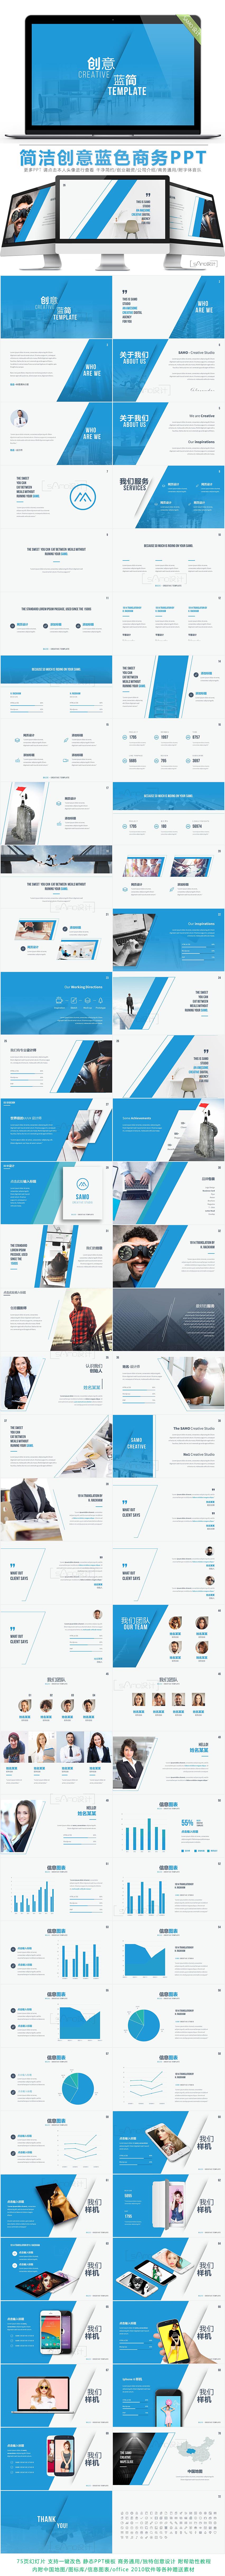 【設計公司ppt模板】2017藍色簡潔現代風格創意版式書